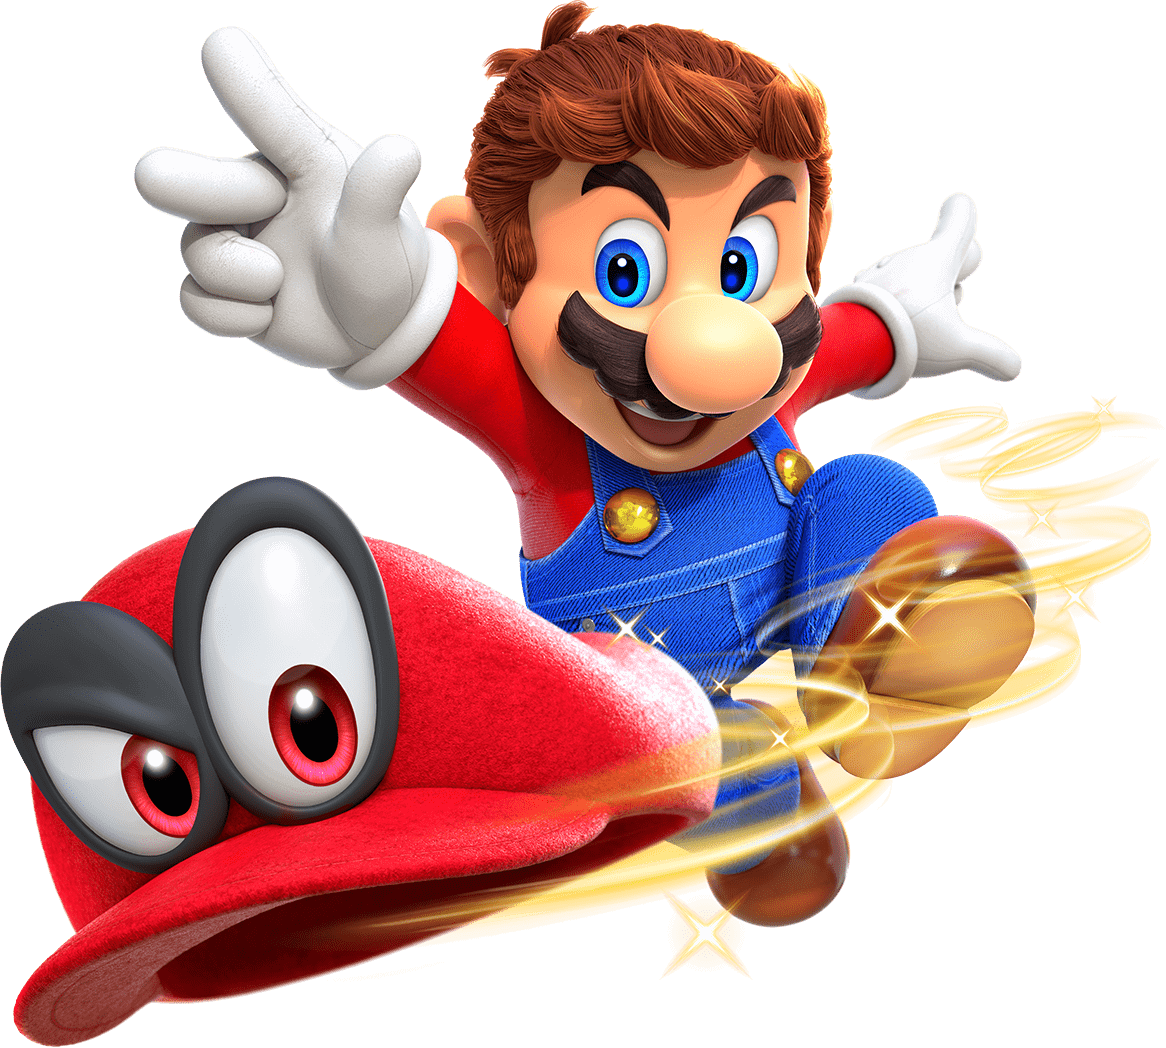 Super Mario Odyssey Imagenes Mario Bros Super Mario Bros Super Mario